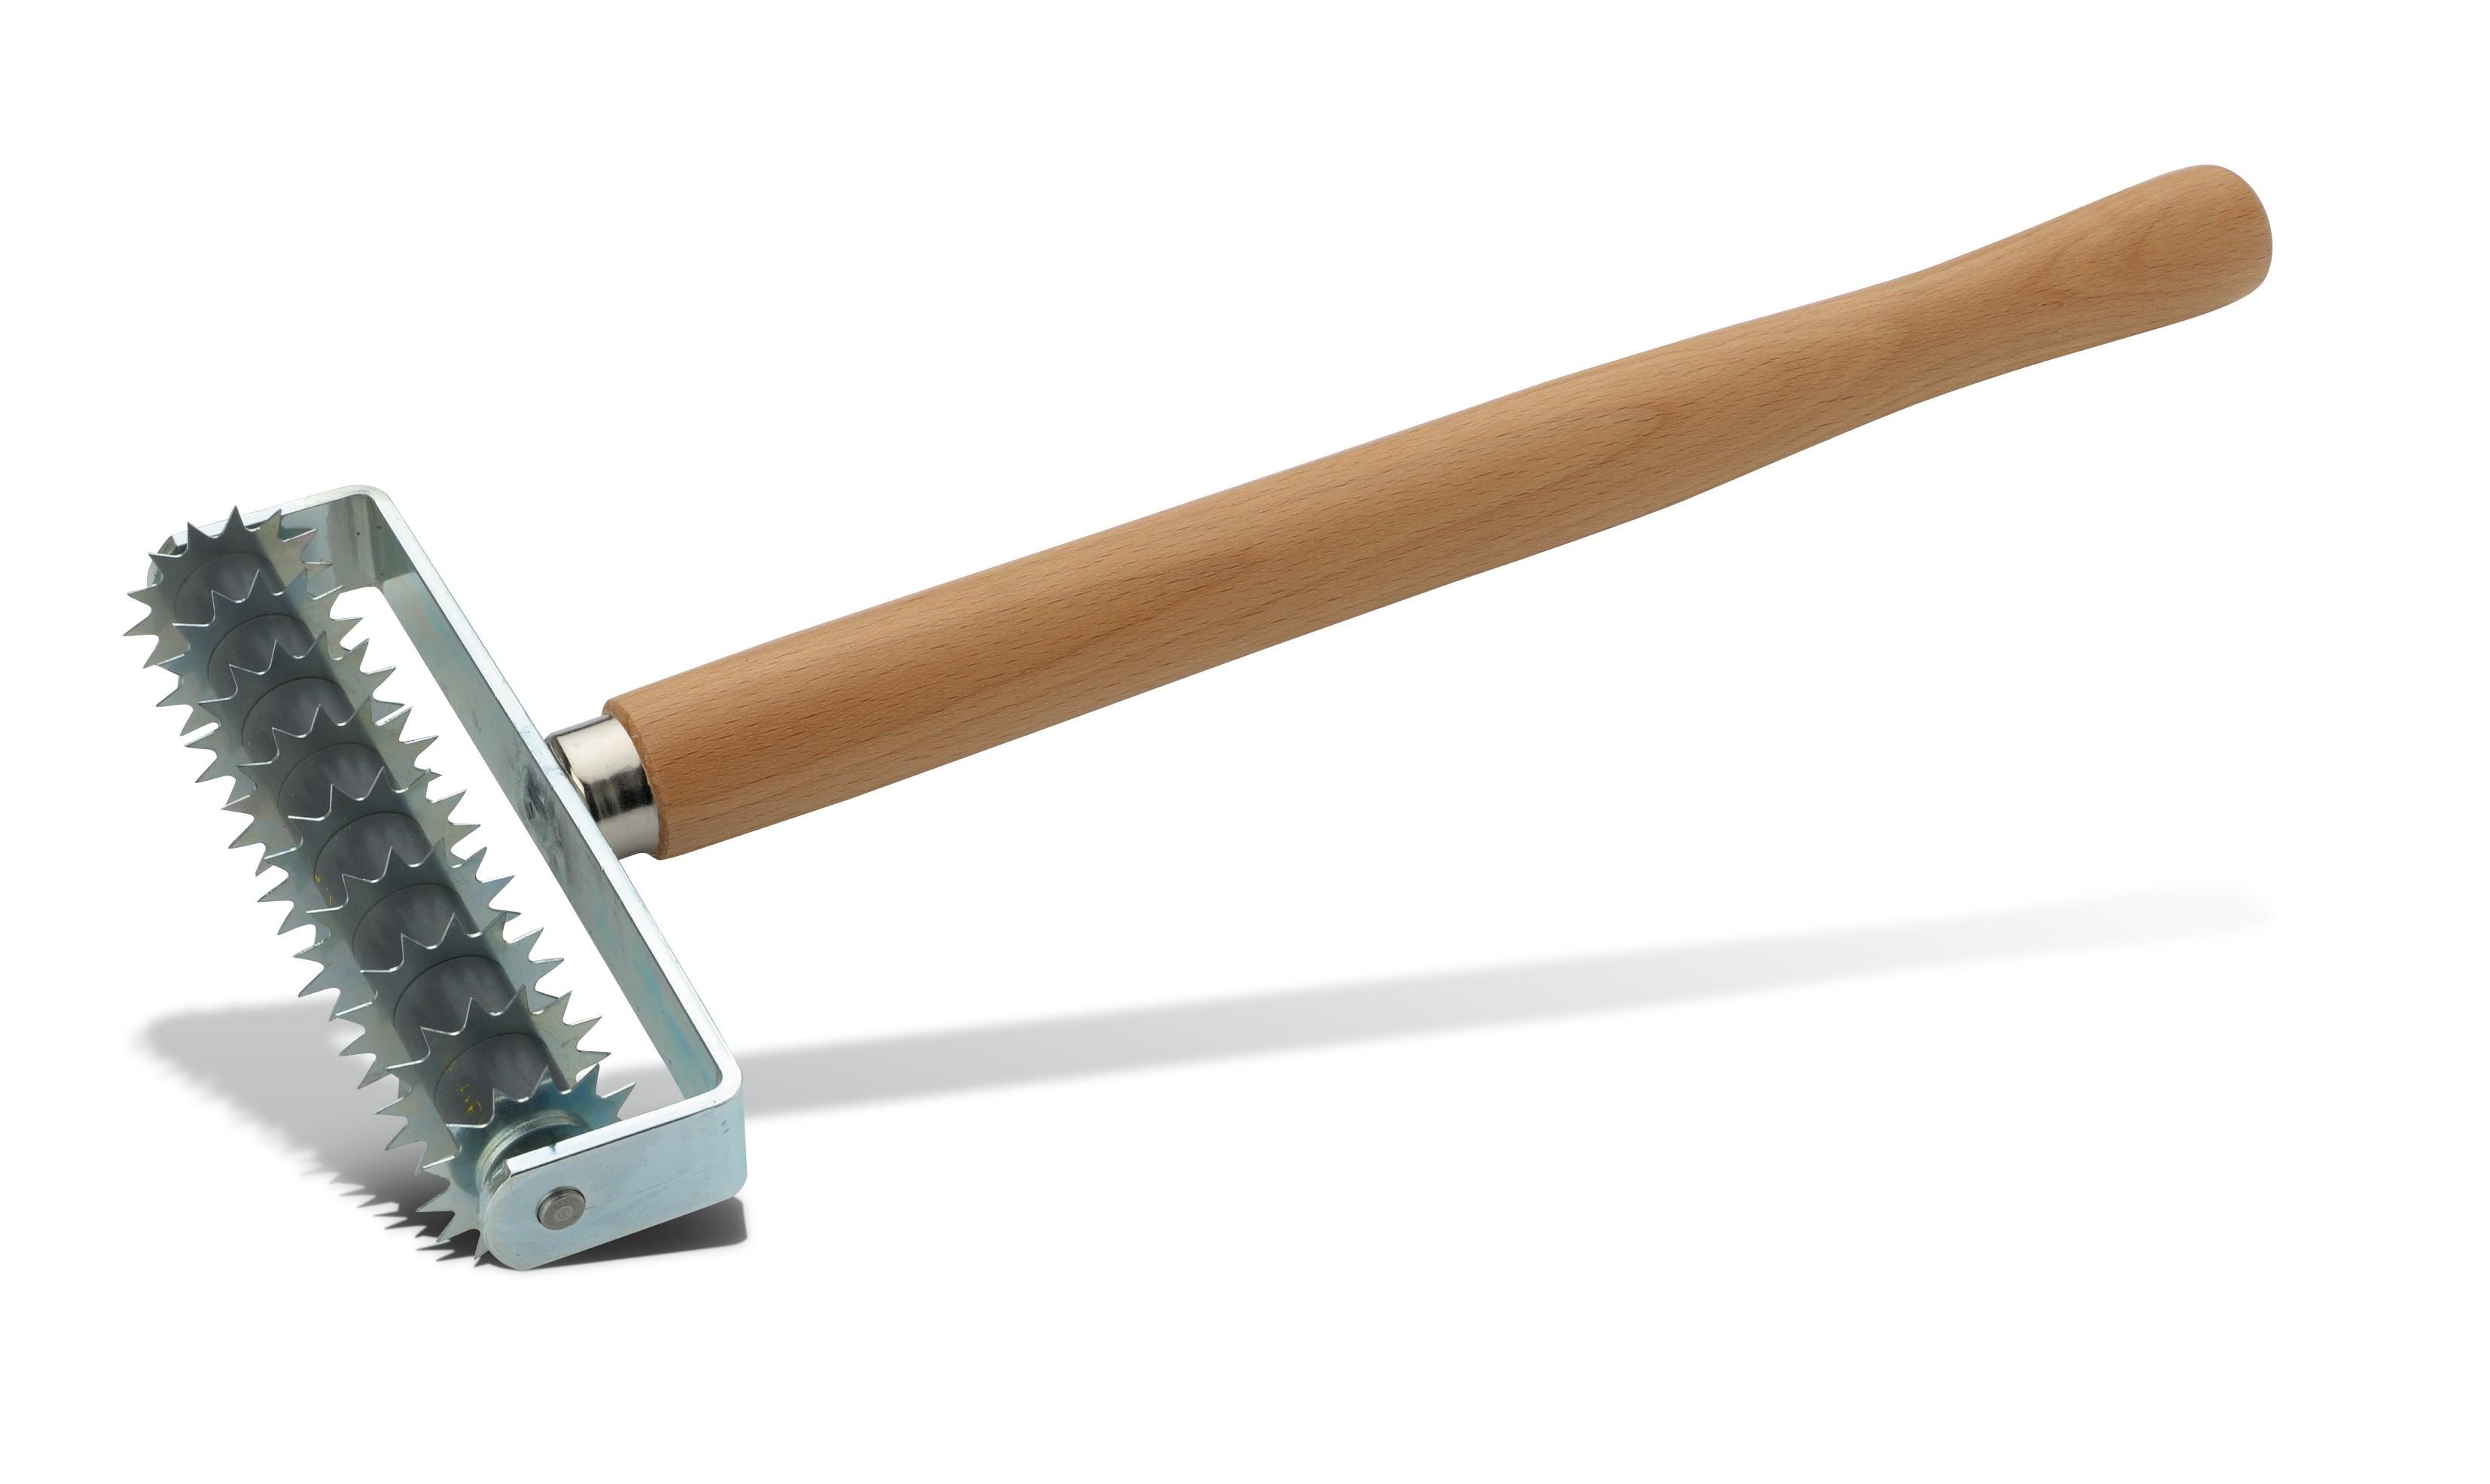 Pajarito Werkzeuge bmt pajarito shop malerwerkzeuge malerwerkzeug